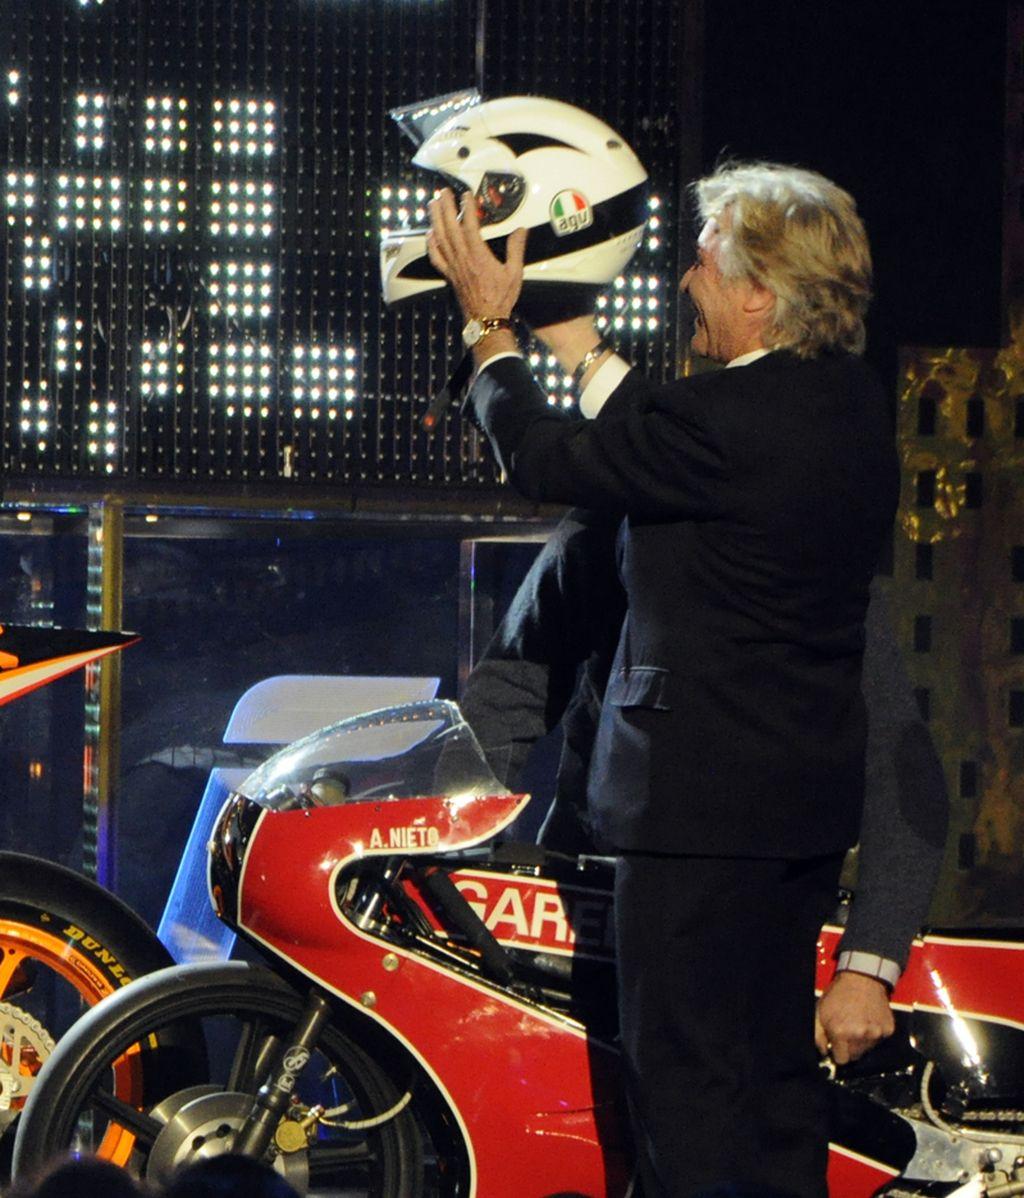 Ángel Nieto acudió al acto con sus históricas motos